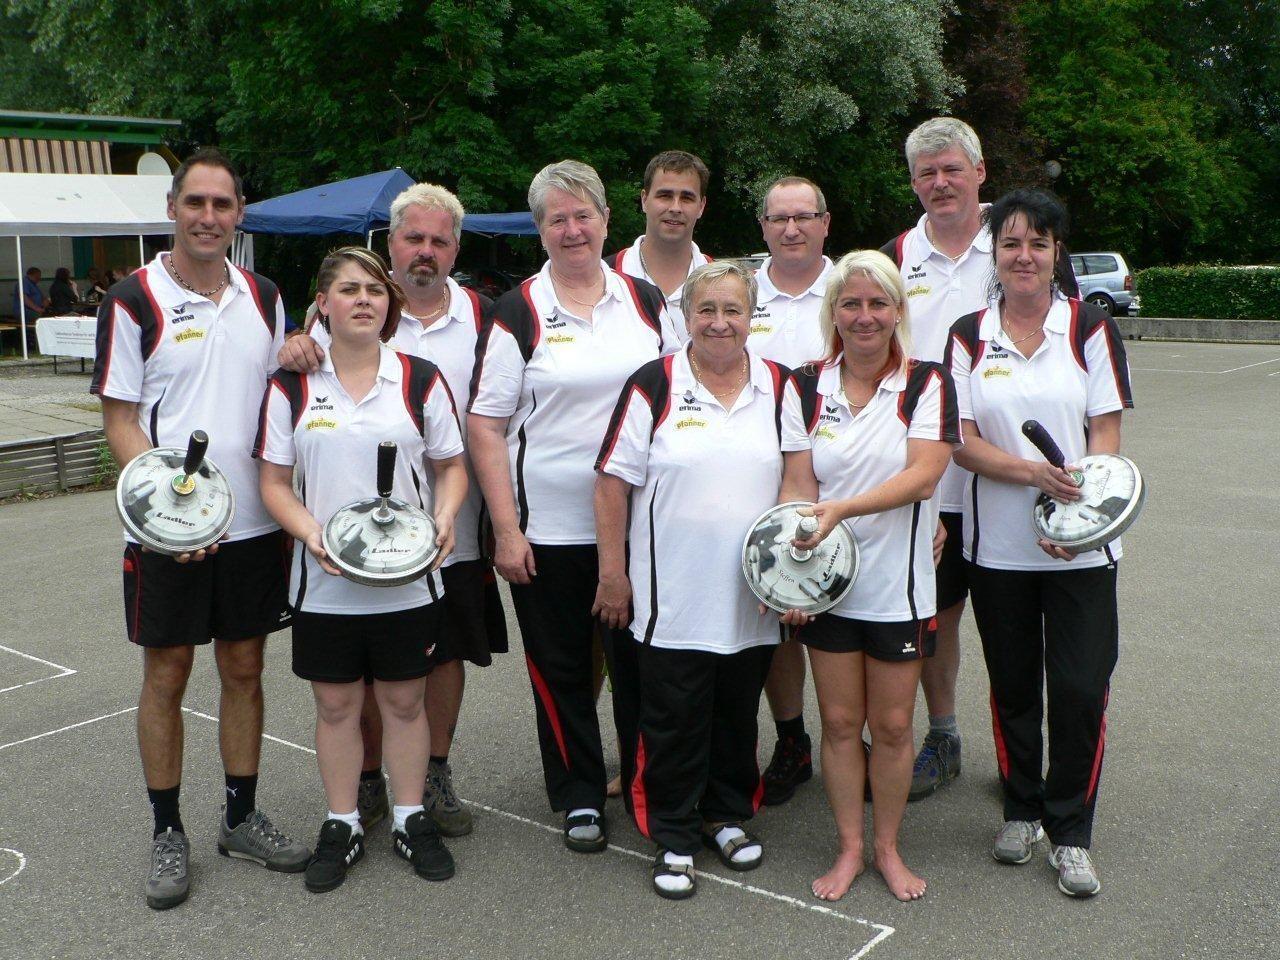 Doppelsieg für Cde Dornbirn bei den Landestitelkämpfen in der Messestadt.